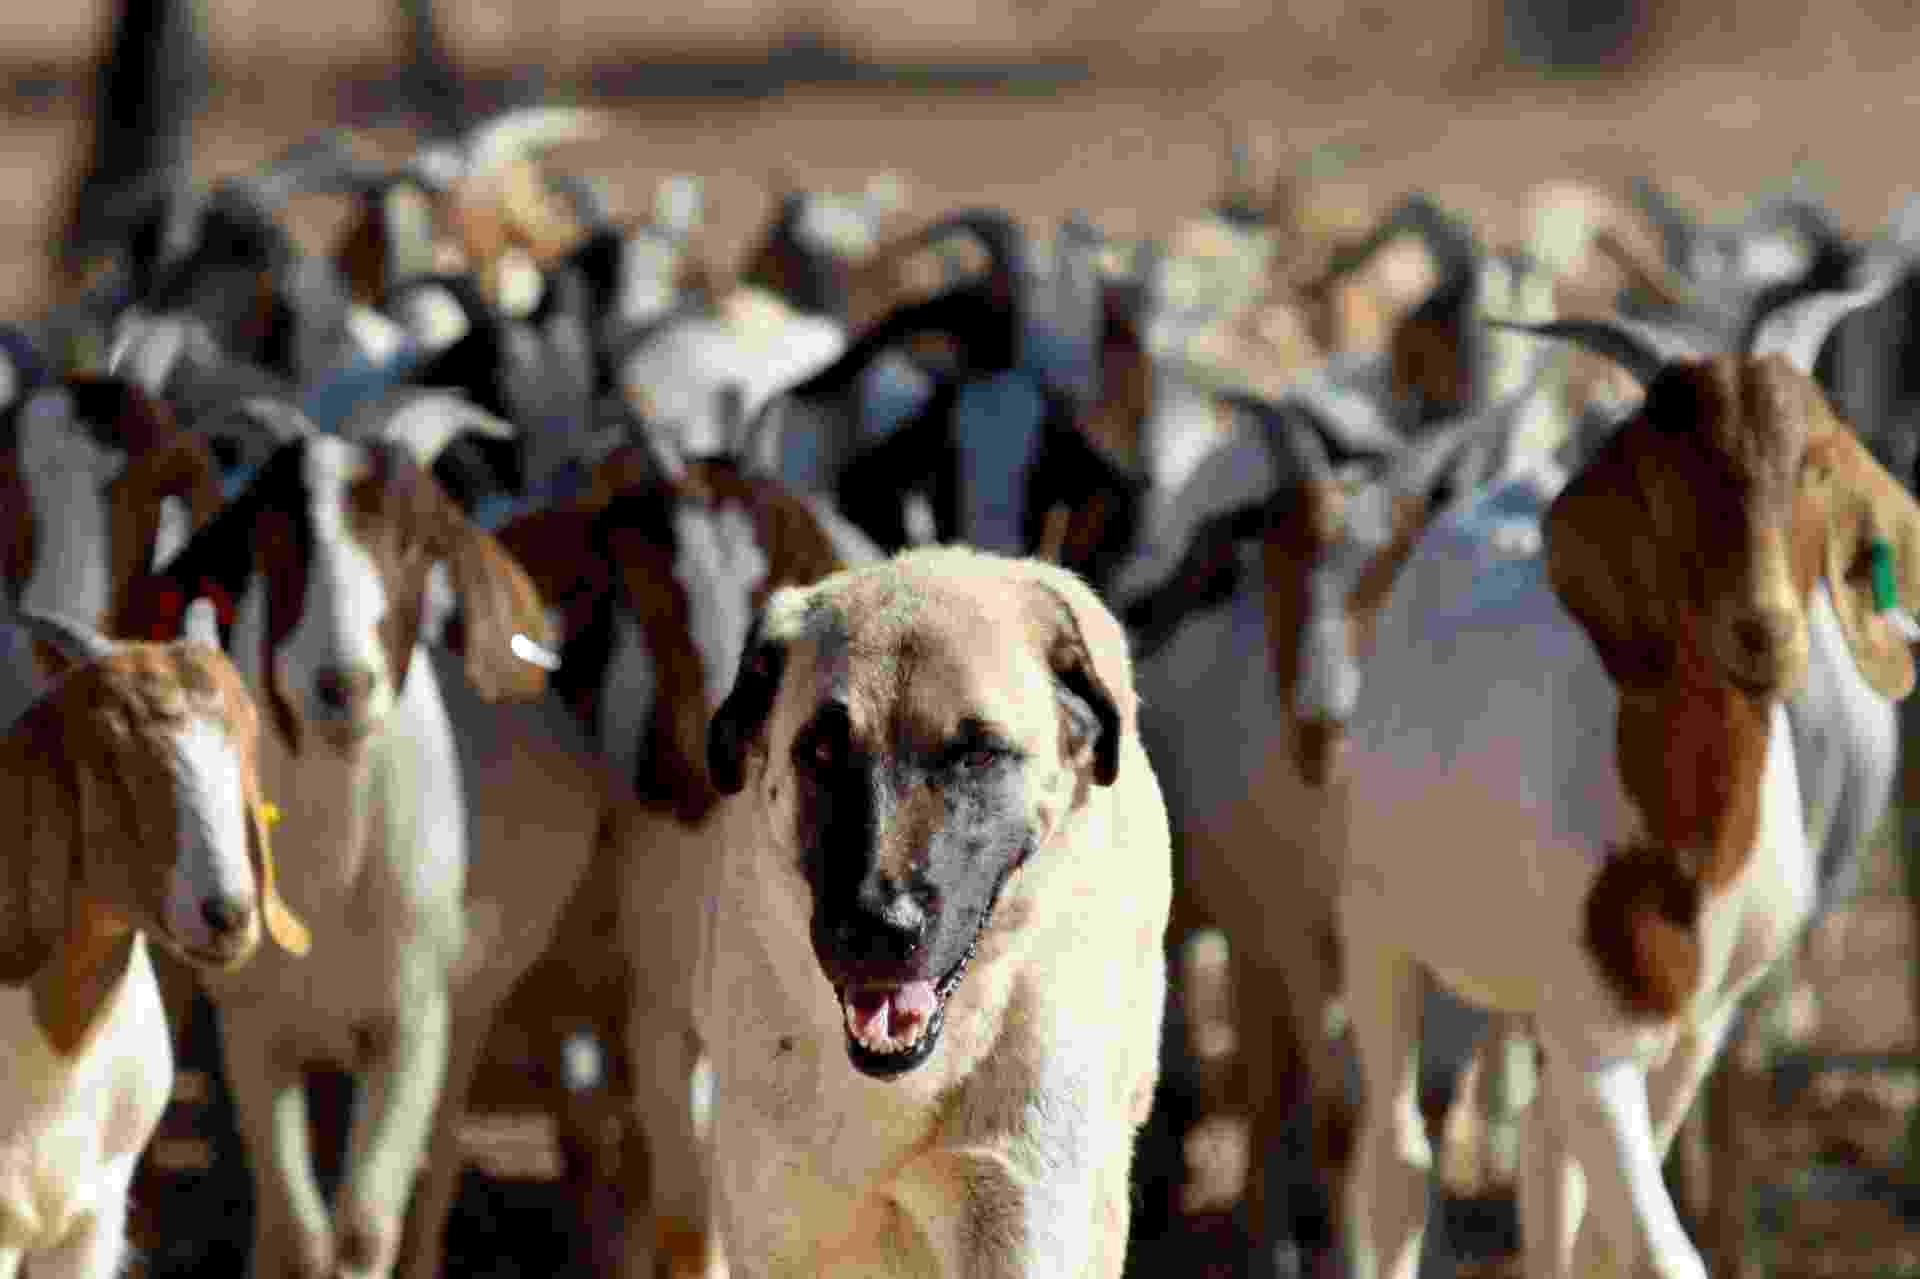 3.set.2013 - Bonzo cuida das cabras da fazenda de Retha Joubert, em Gobabis, no Leste da Namíbia, há cinco anos. O cão pastor foi criado desde o início com o rebanho, vivendo e dormindo com eles, para criar vínculos e, assim, protegê-los dos predadores selvagens. O método ajudou não só os produtores rurais, que não perdem mais animais, mas também a população dos guepardos, que antes eram expulsos de seus territórios - cerca de mil guepardos eram abatidos por ano pelos produtores rurais - Jennifer Bruce/AFP